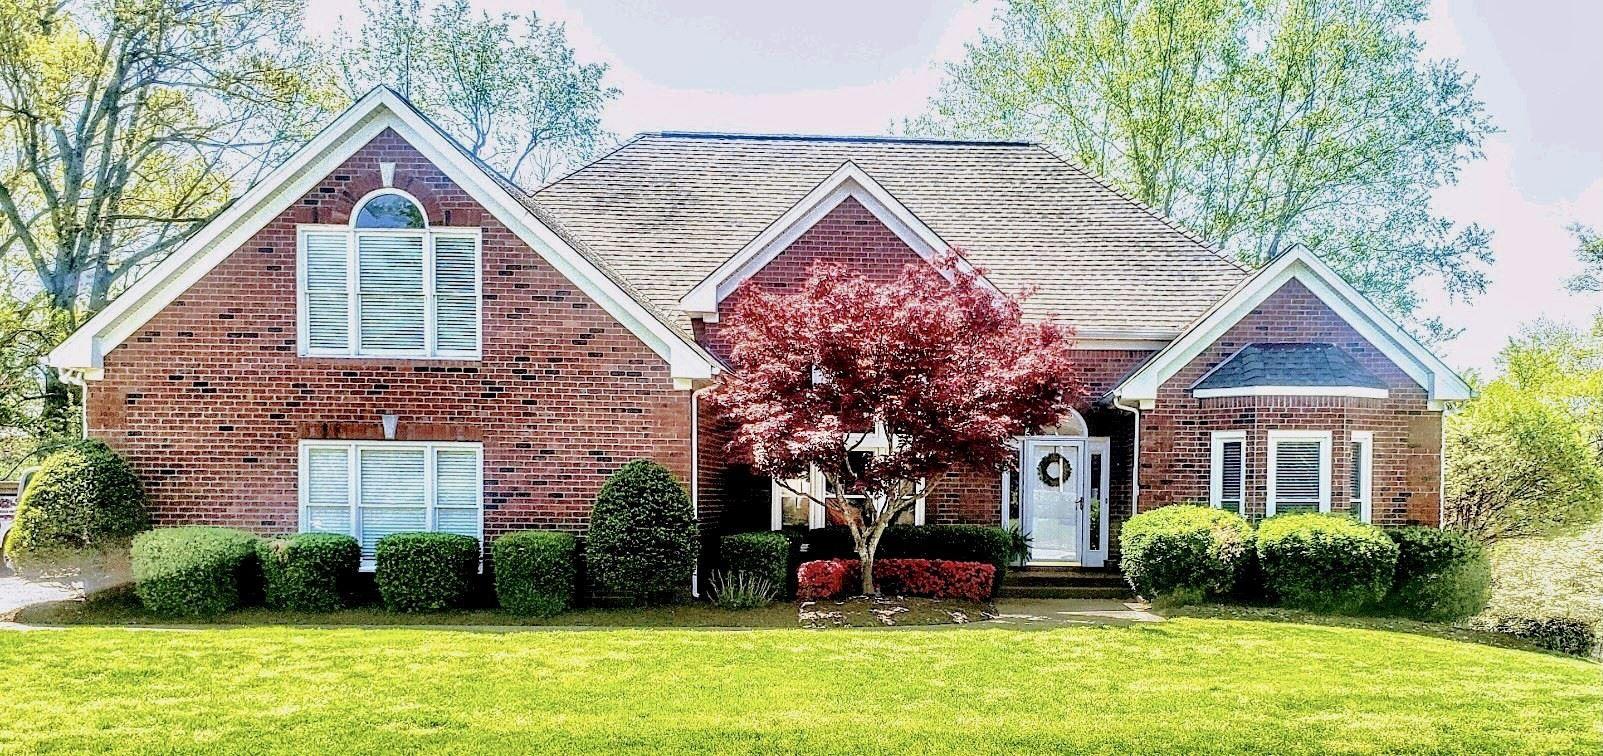 Photo of 8212 Spring Ridge Dr, Nashville, TN 37221 (MLS # 2250880)